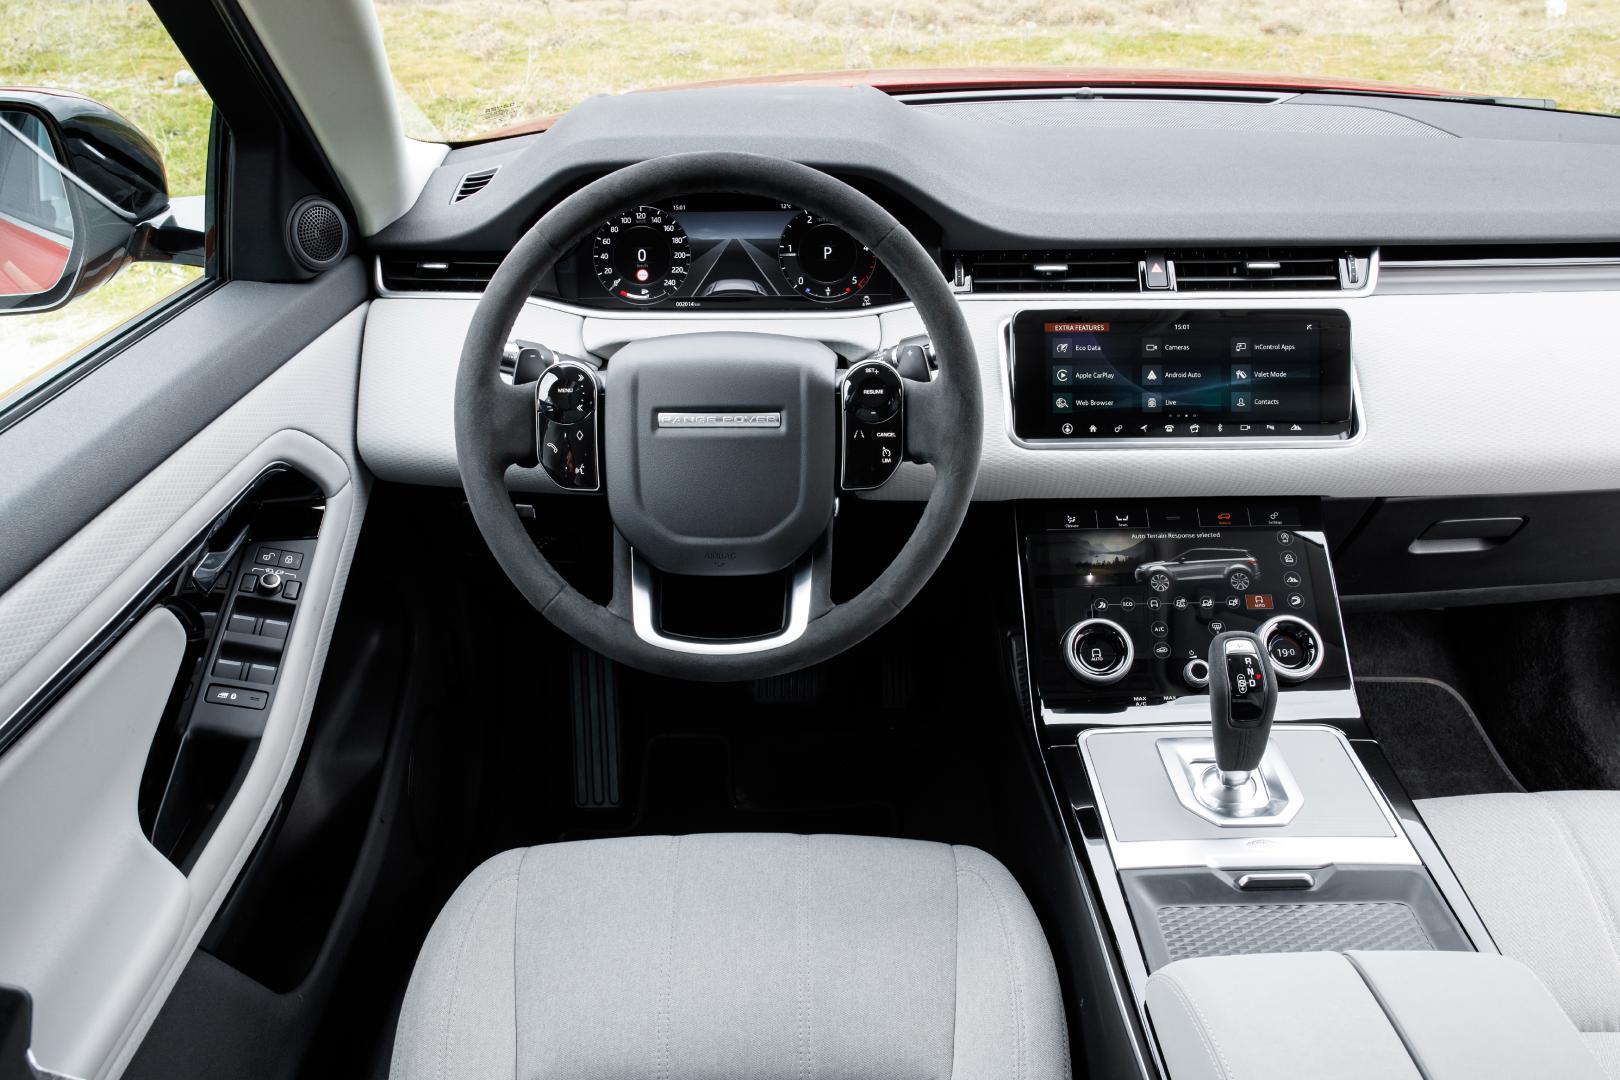 Range Rover Evoque S dashboard